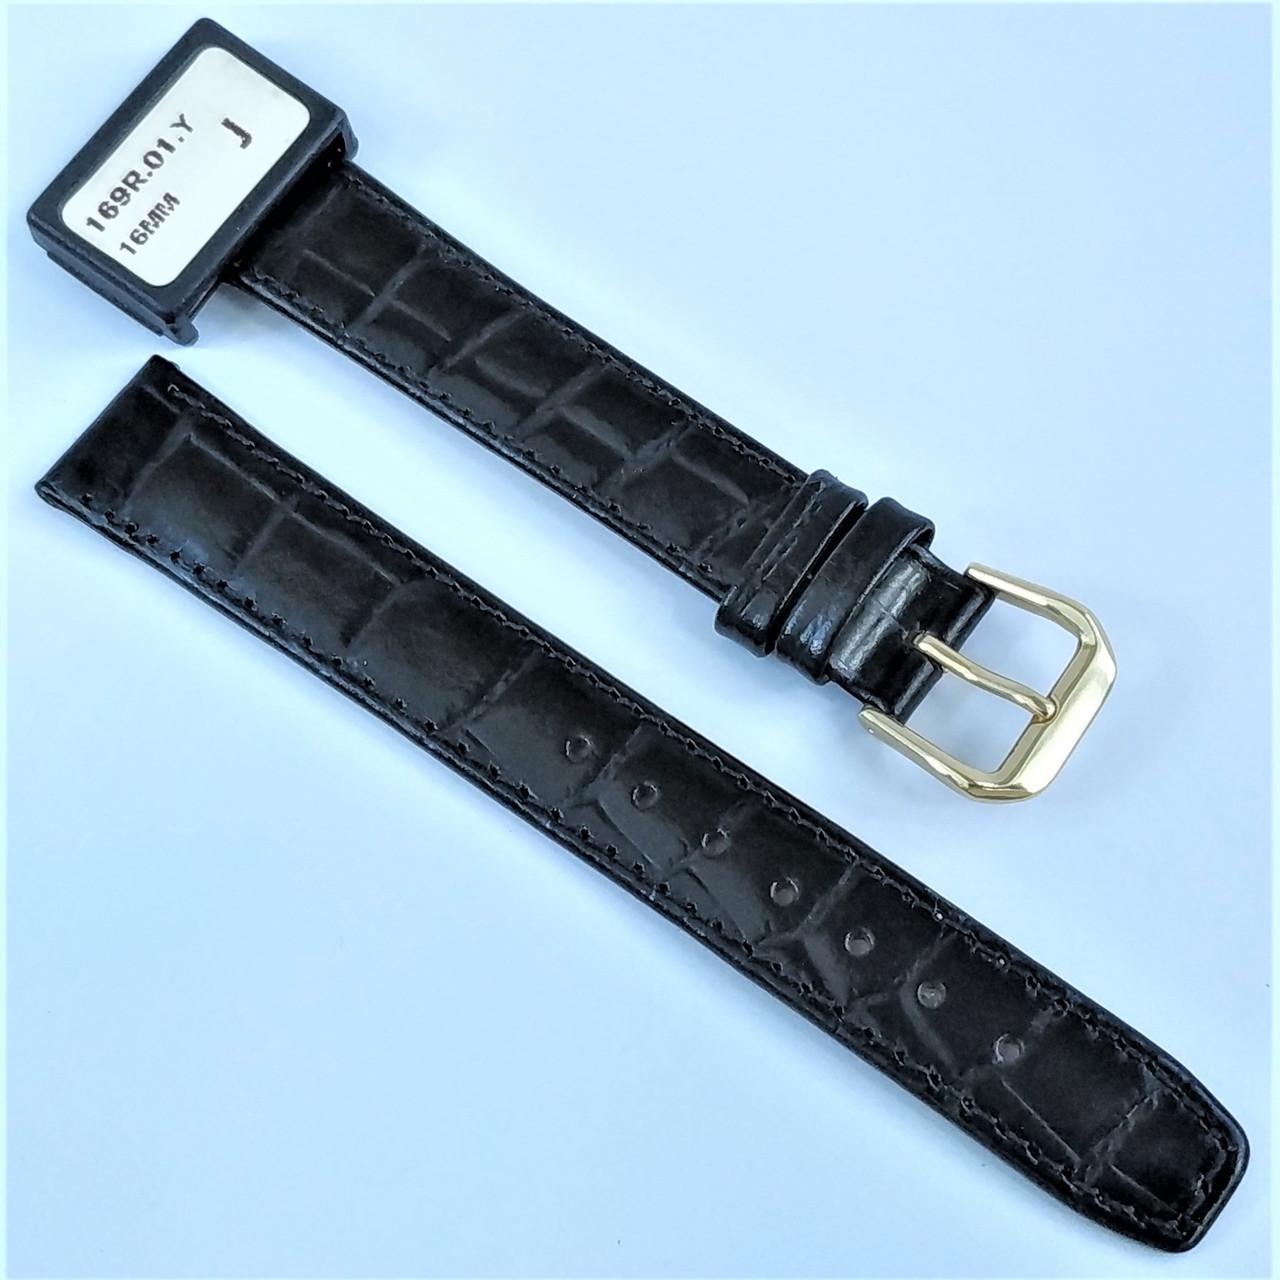 16 мм Кожаный Ремешок для часов CONDOR 169.16.01 Черный Ремешок на часы из Натуральной кожи